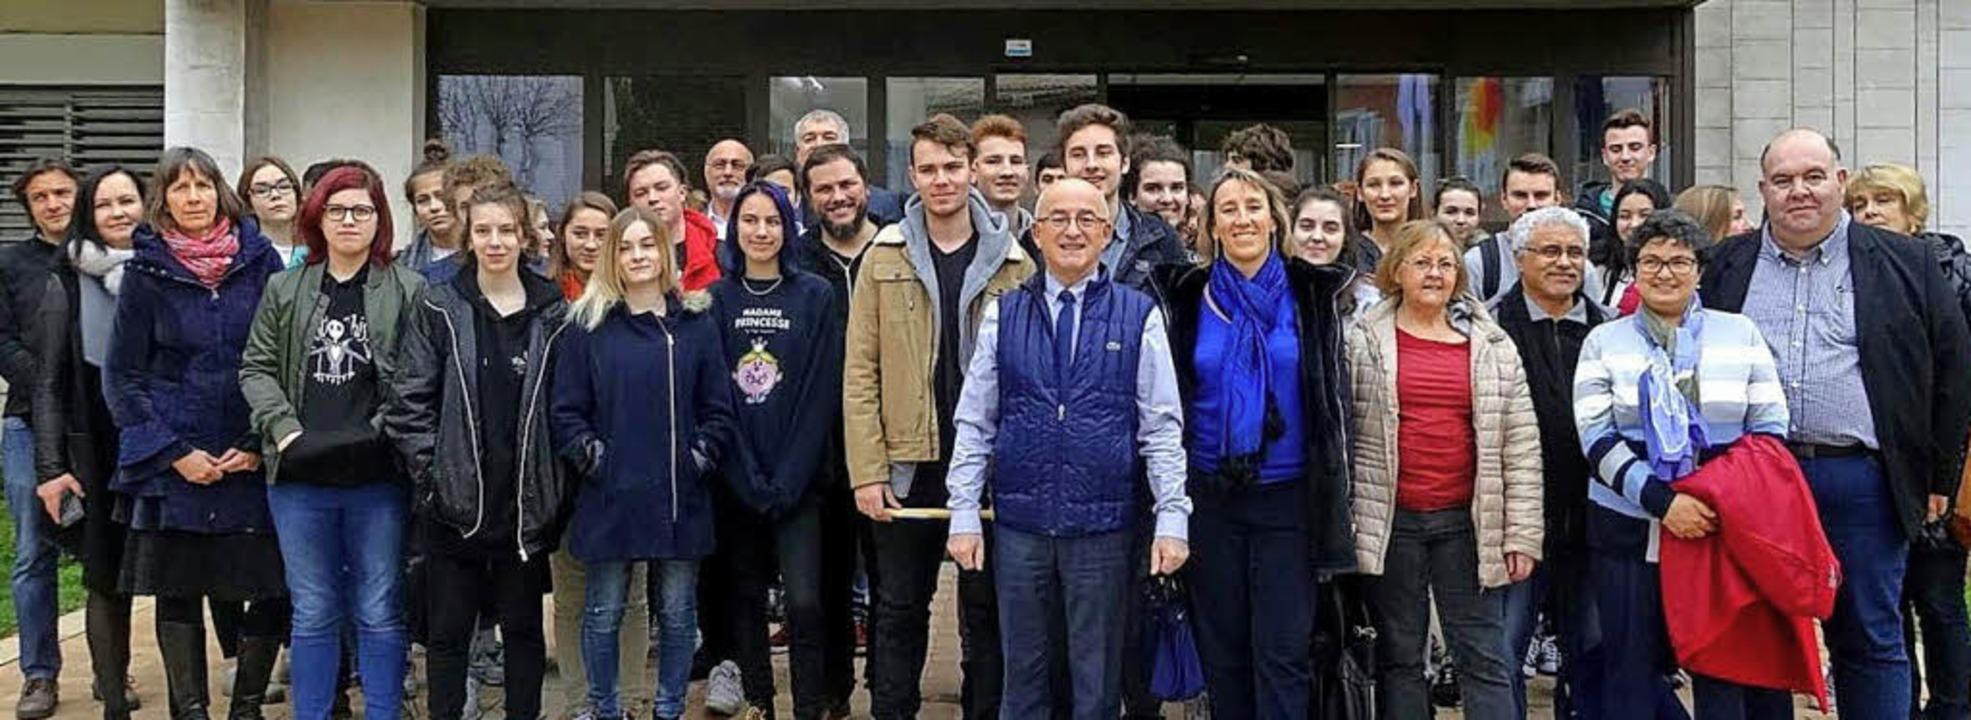 Schüler des Goethe-Gymnasiums Emmendin...oche in La Garde in Südfrankreich auf.  | Foto: Schule